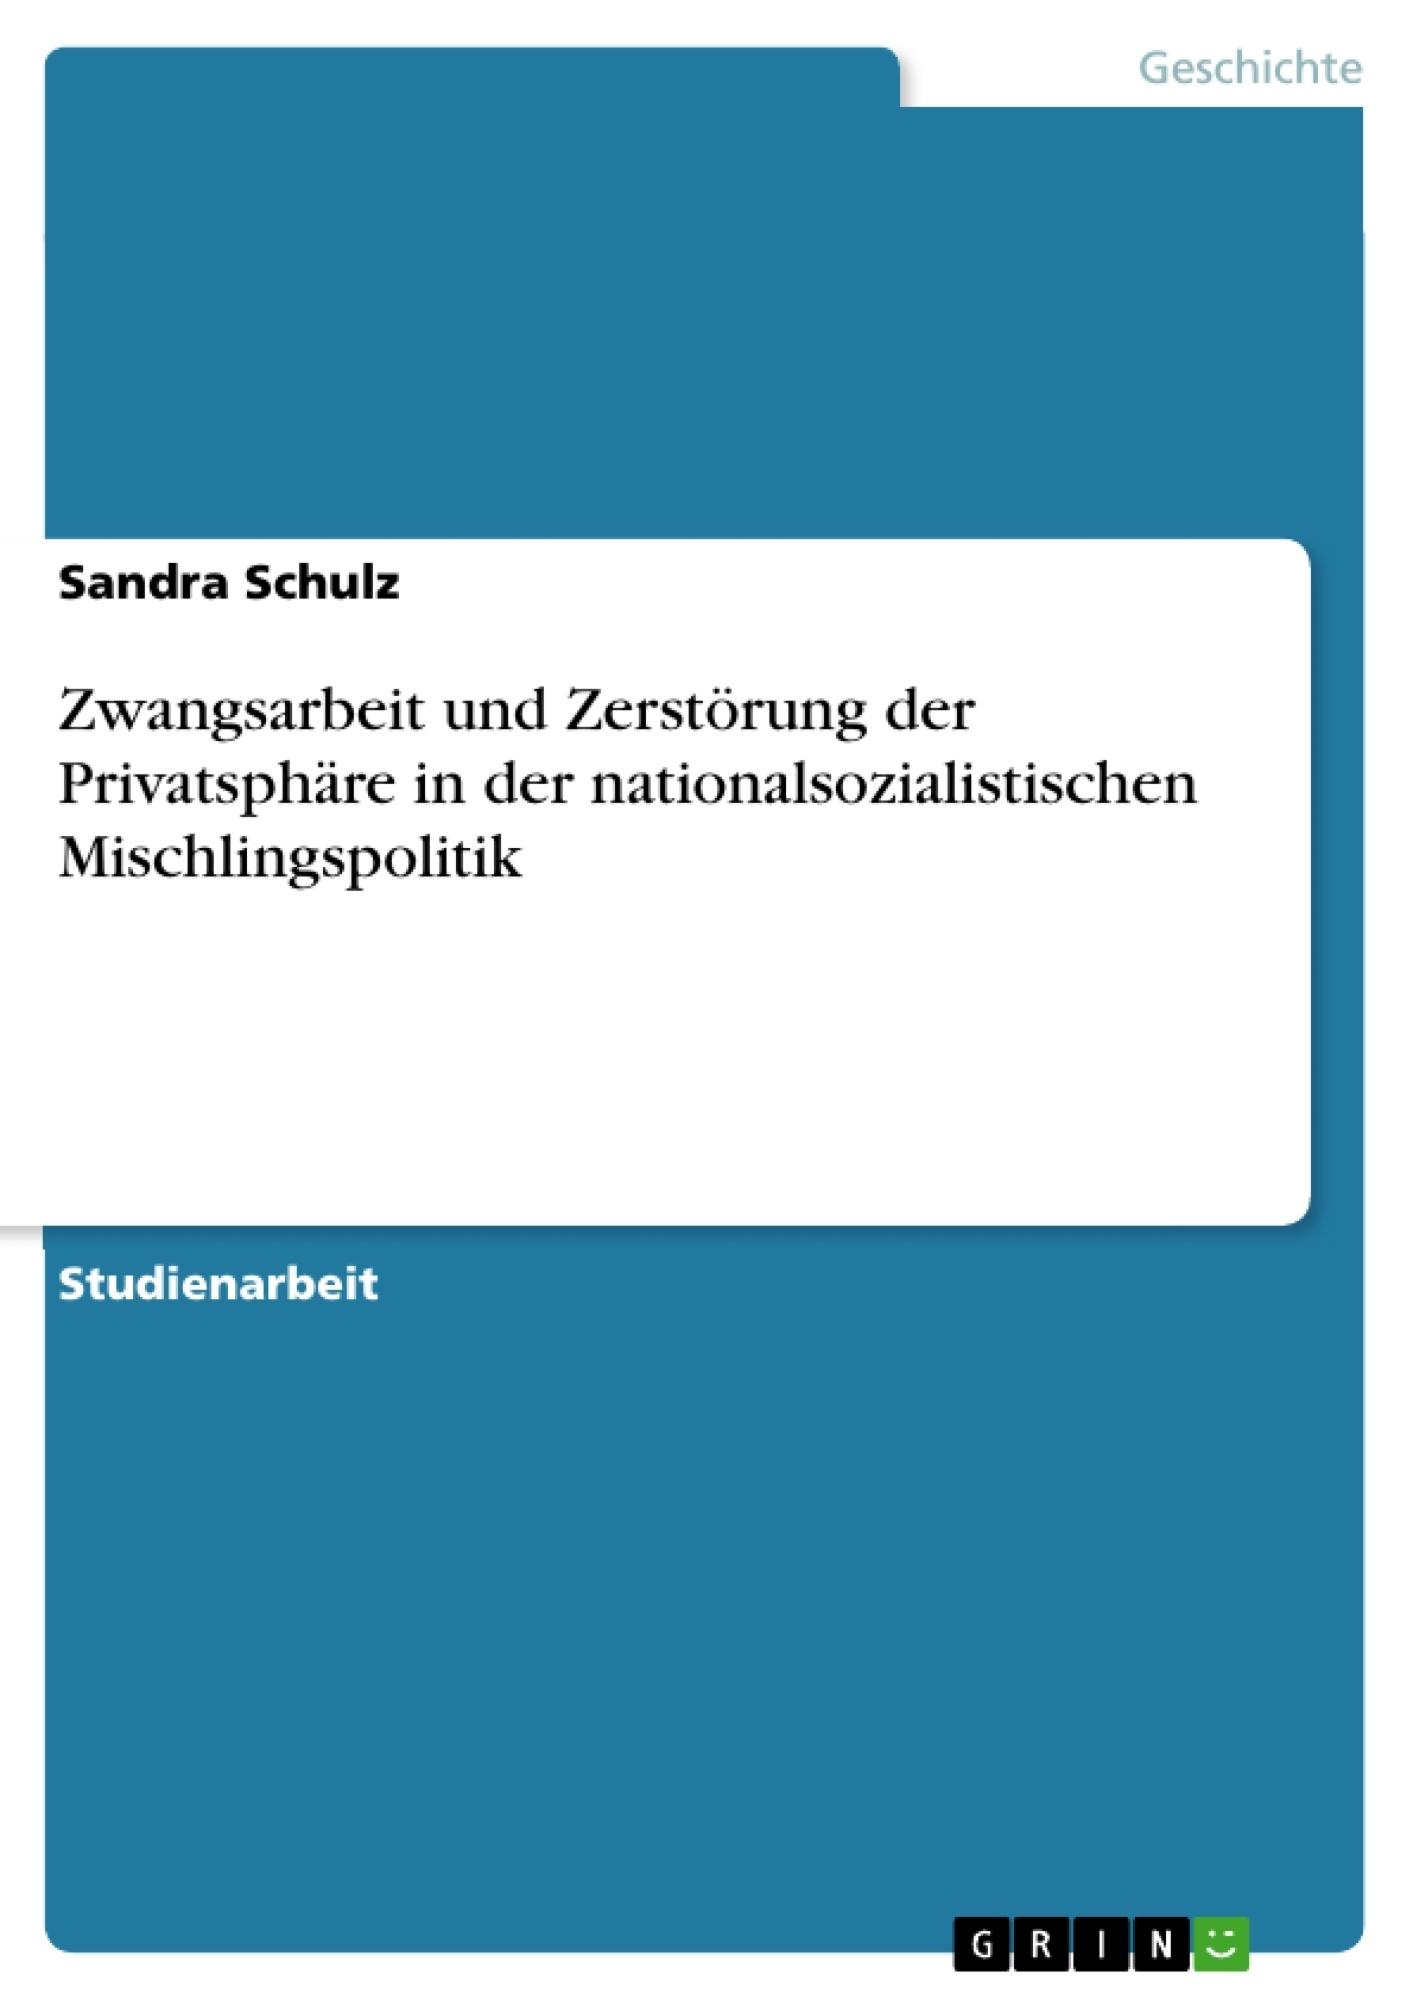 Titel: Zwangsarbeit und Zerstörung der Privatsphäre in der nationalsozialistischen Mischlingspolitik